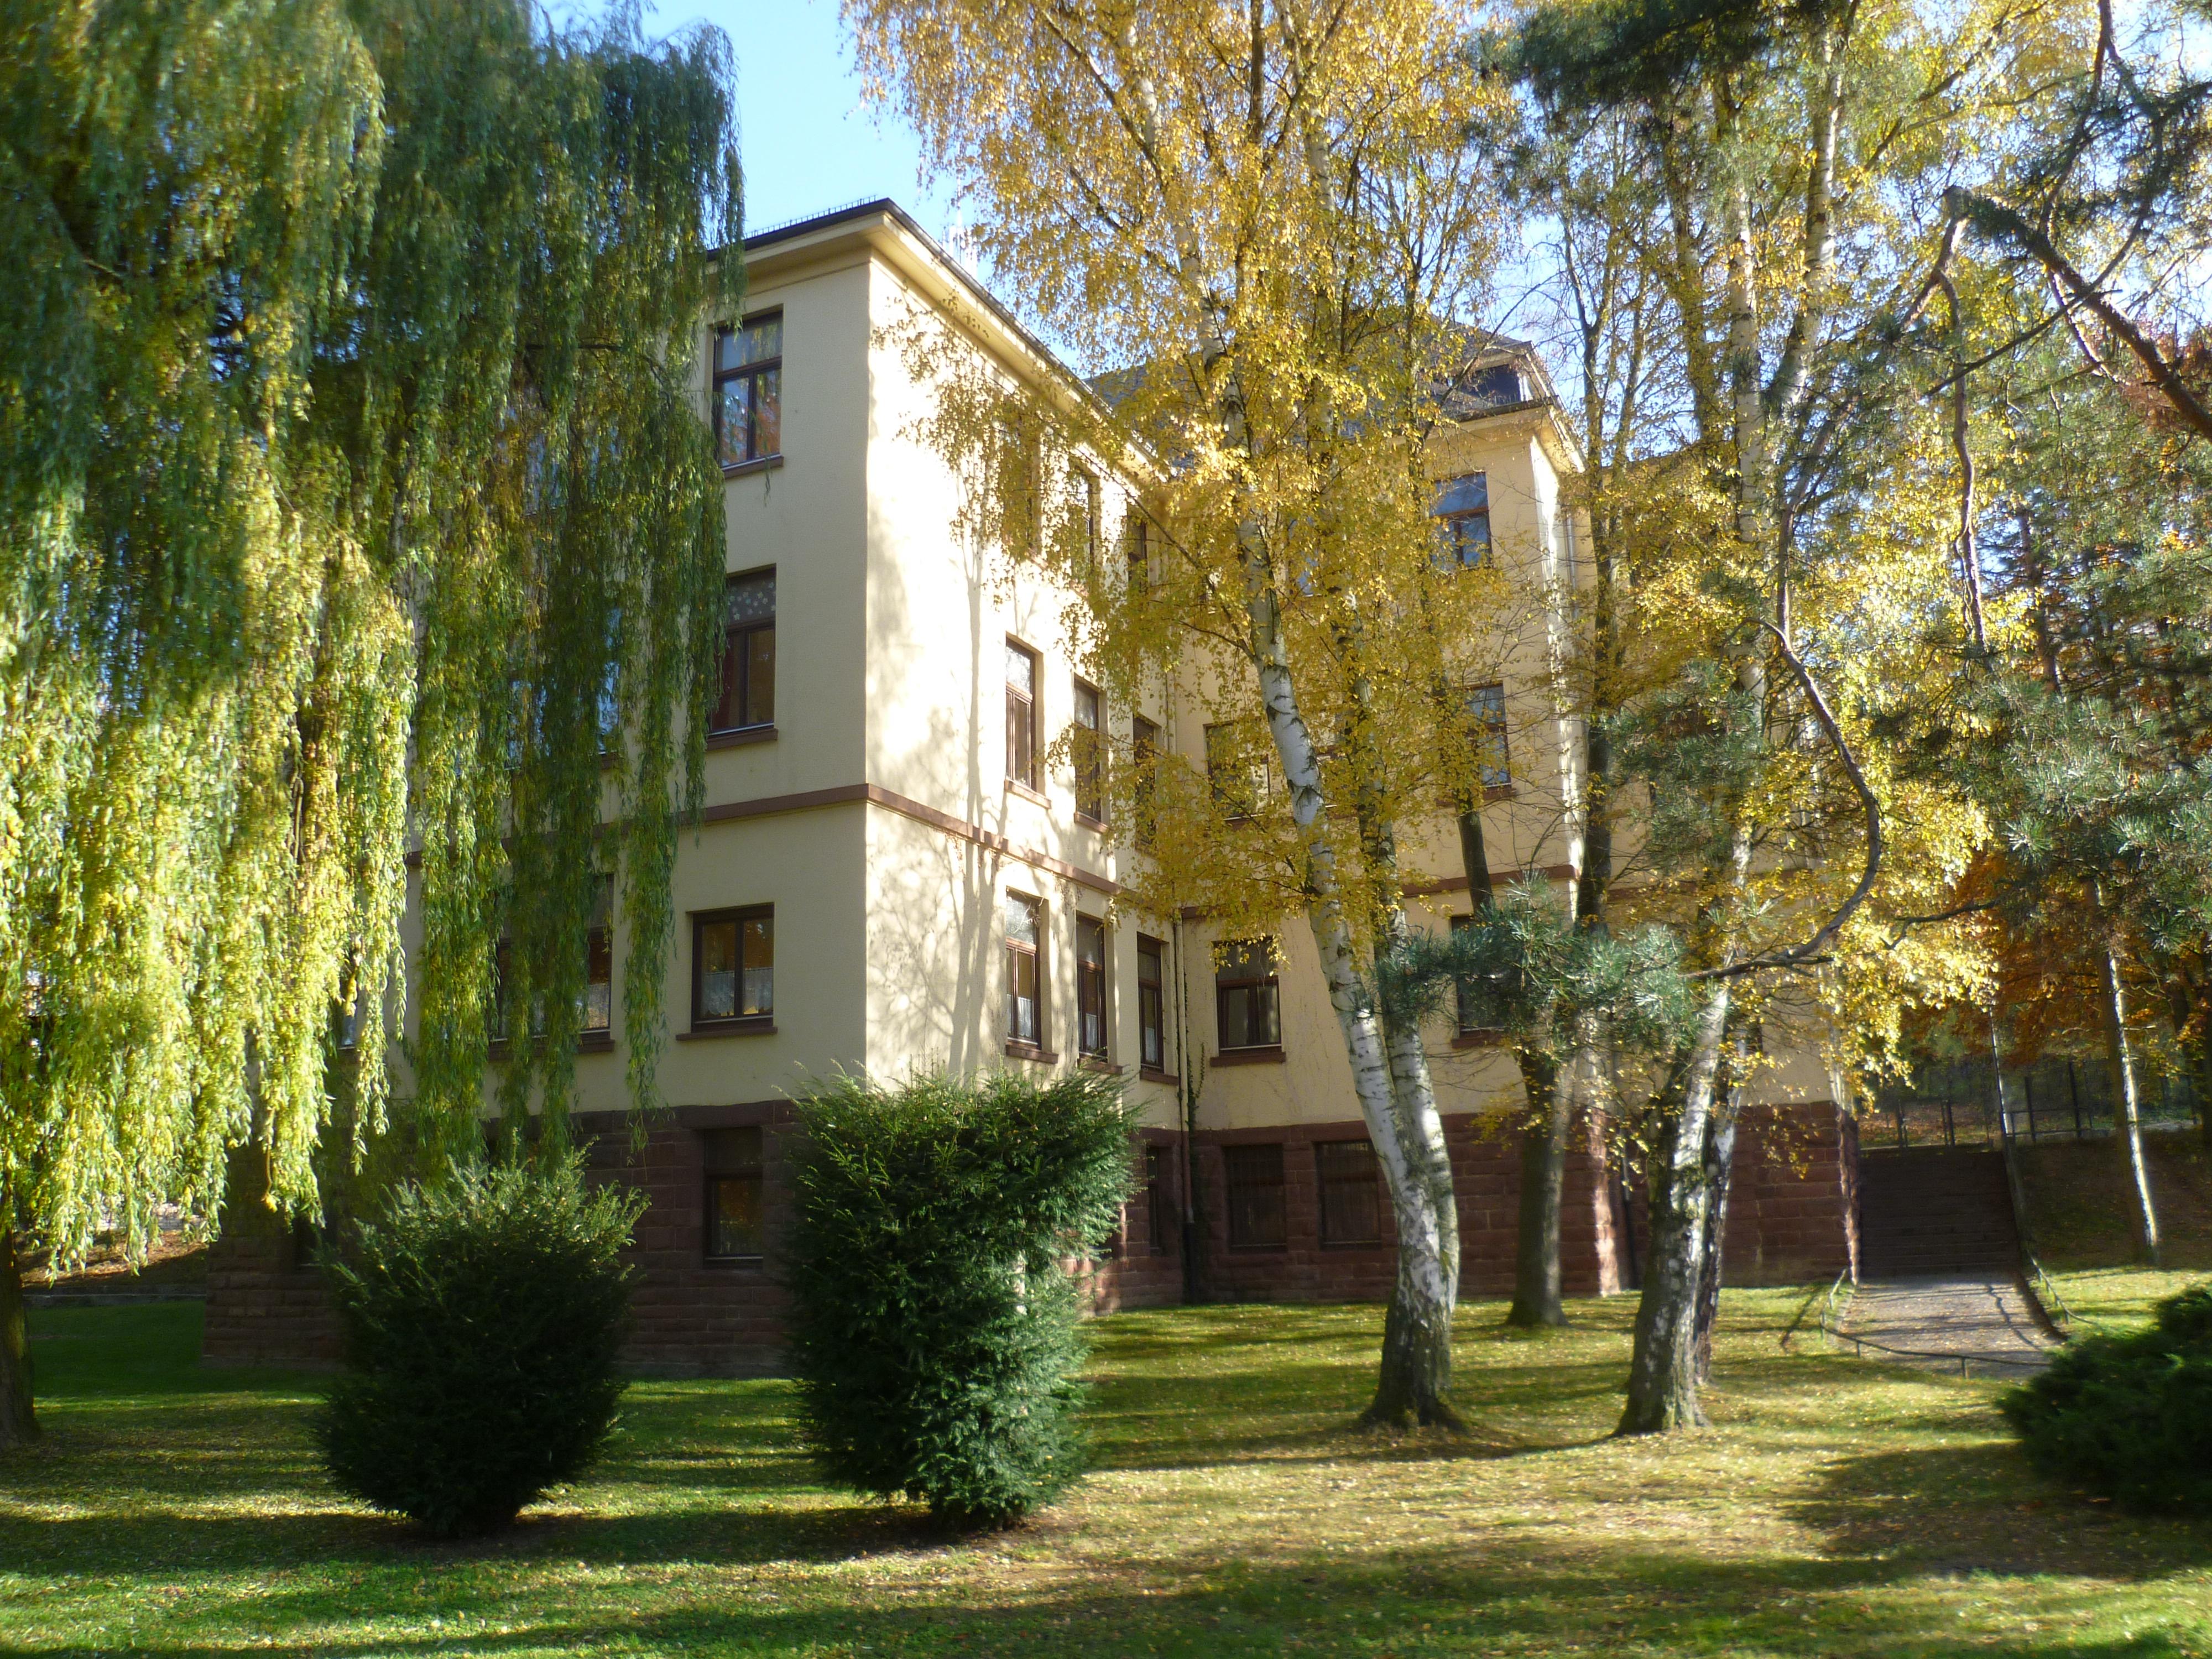 Kalmenhof Wikipedia